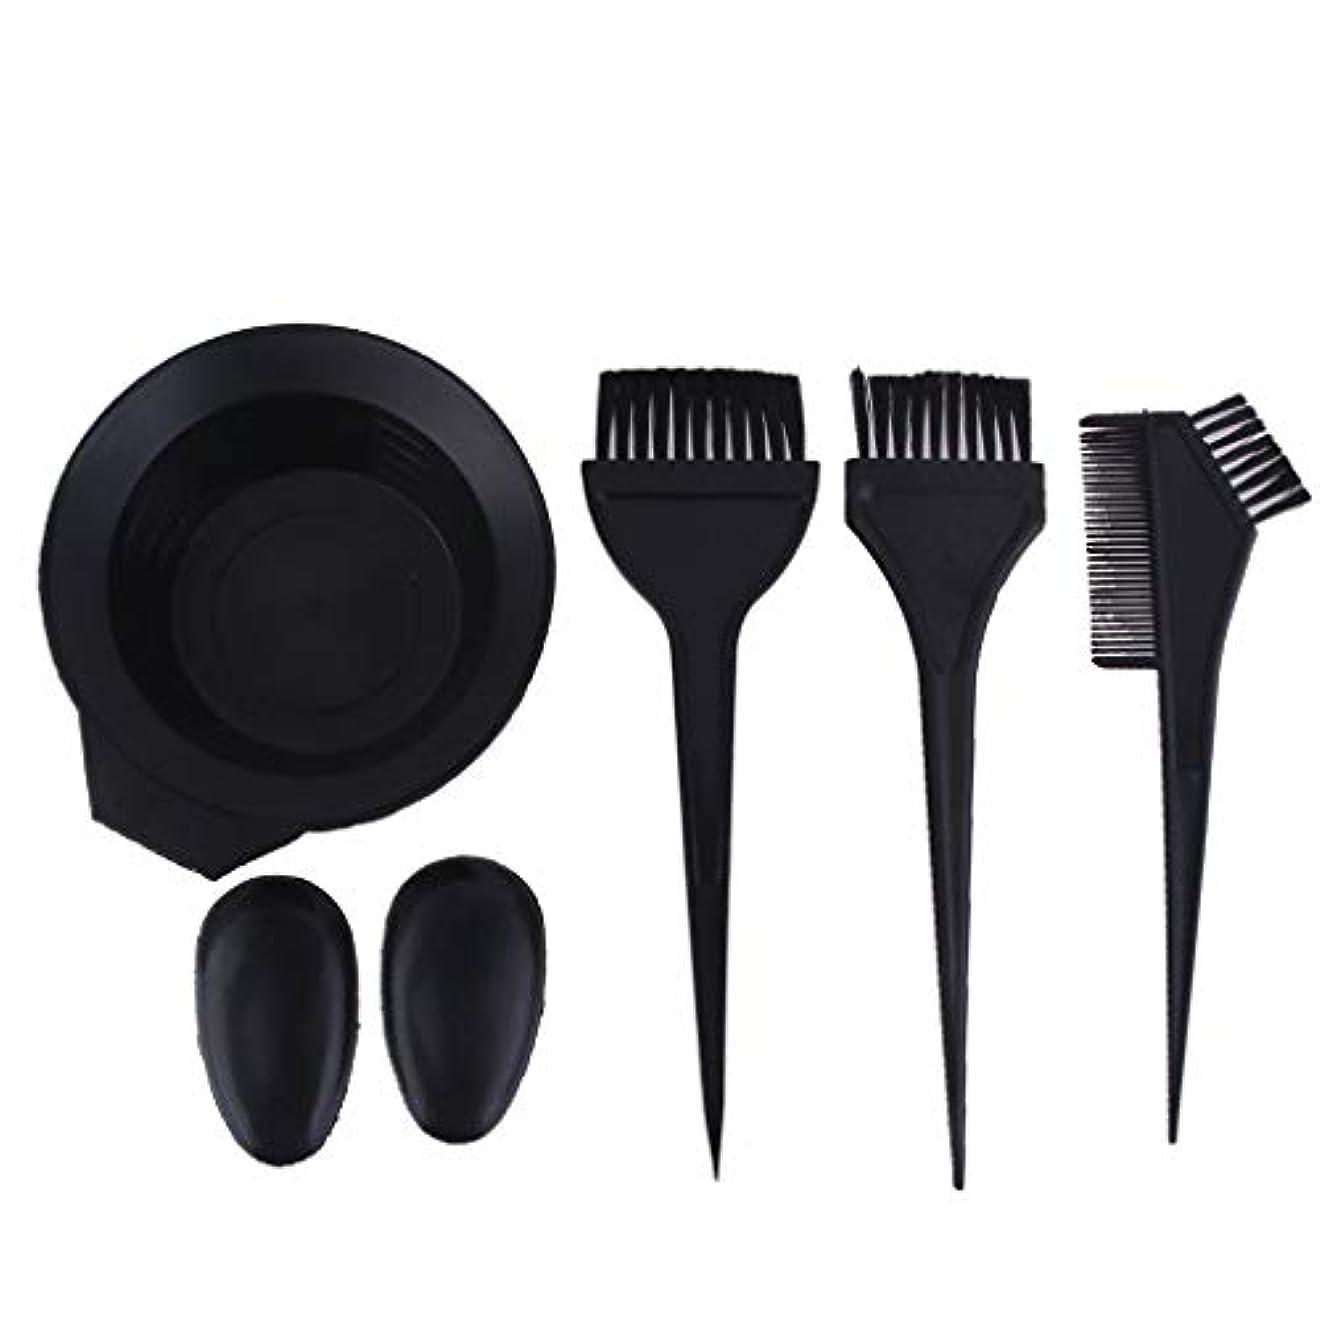 正確カウンタ公然とサロンの髪染めのためのプラスチック黒髪ボウル櫛ブラシキット